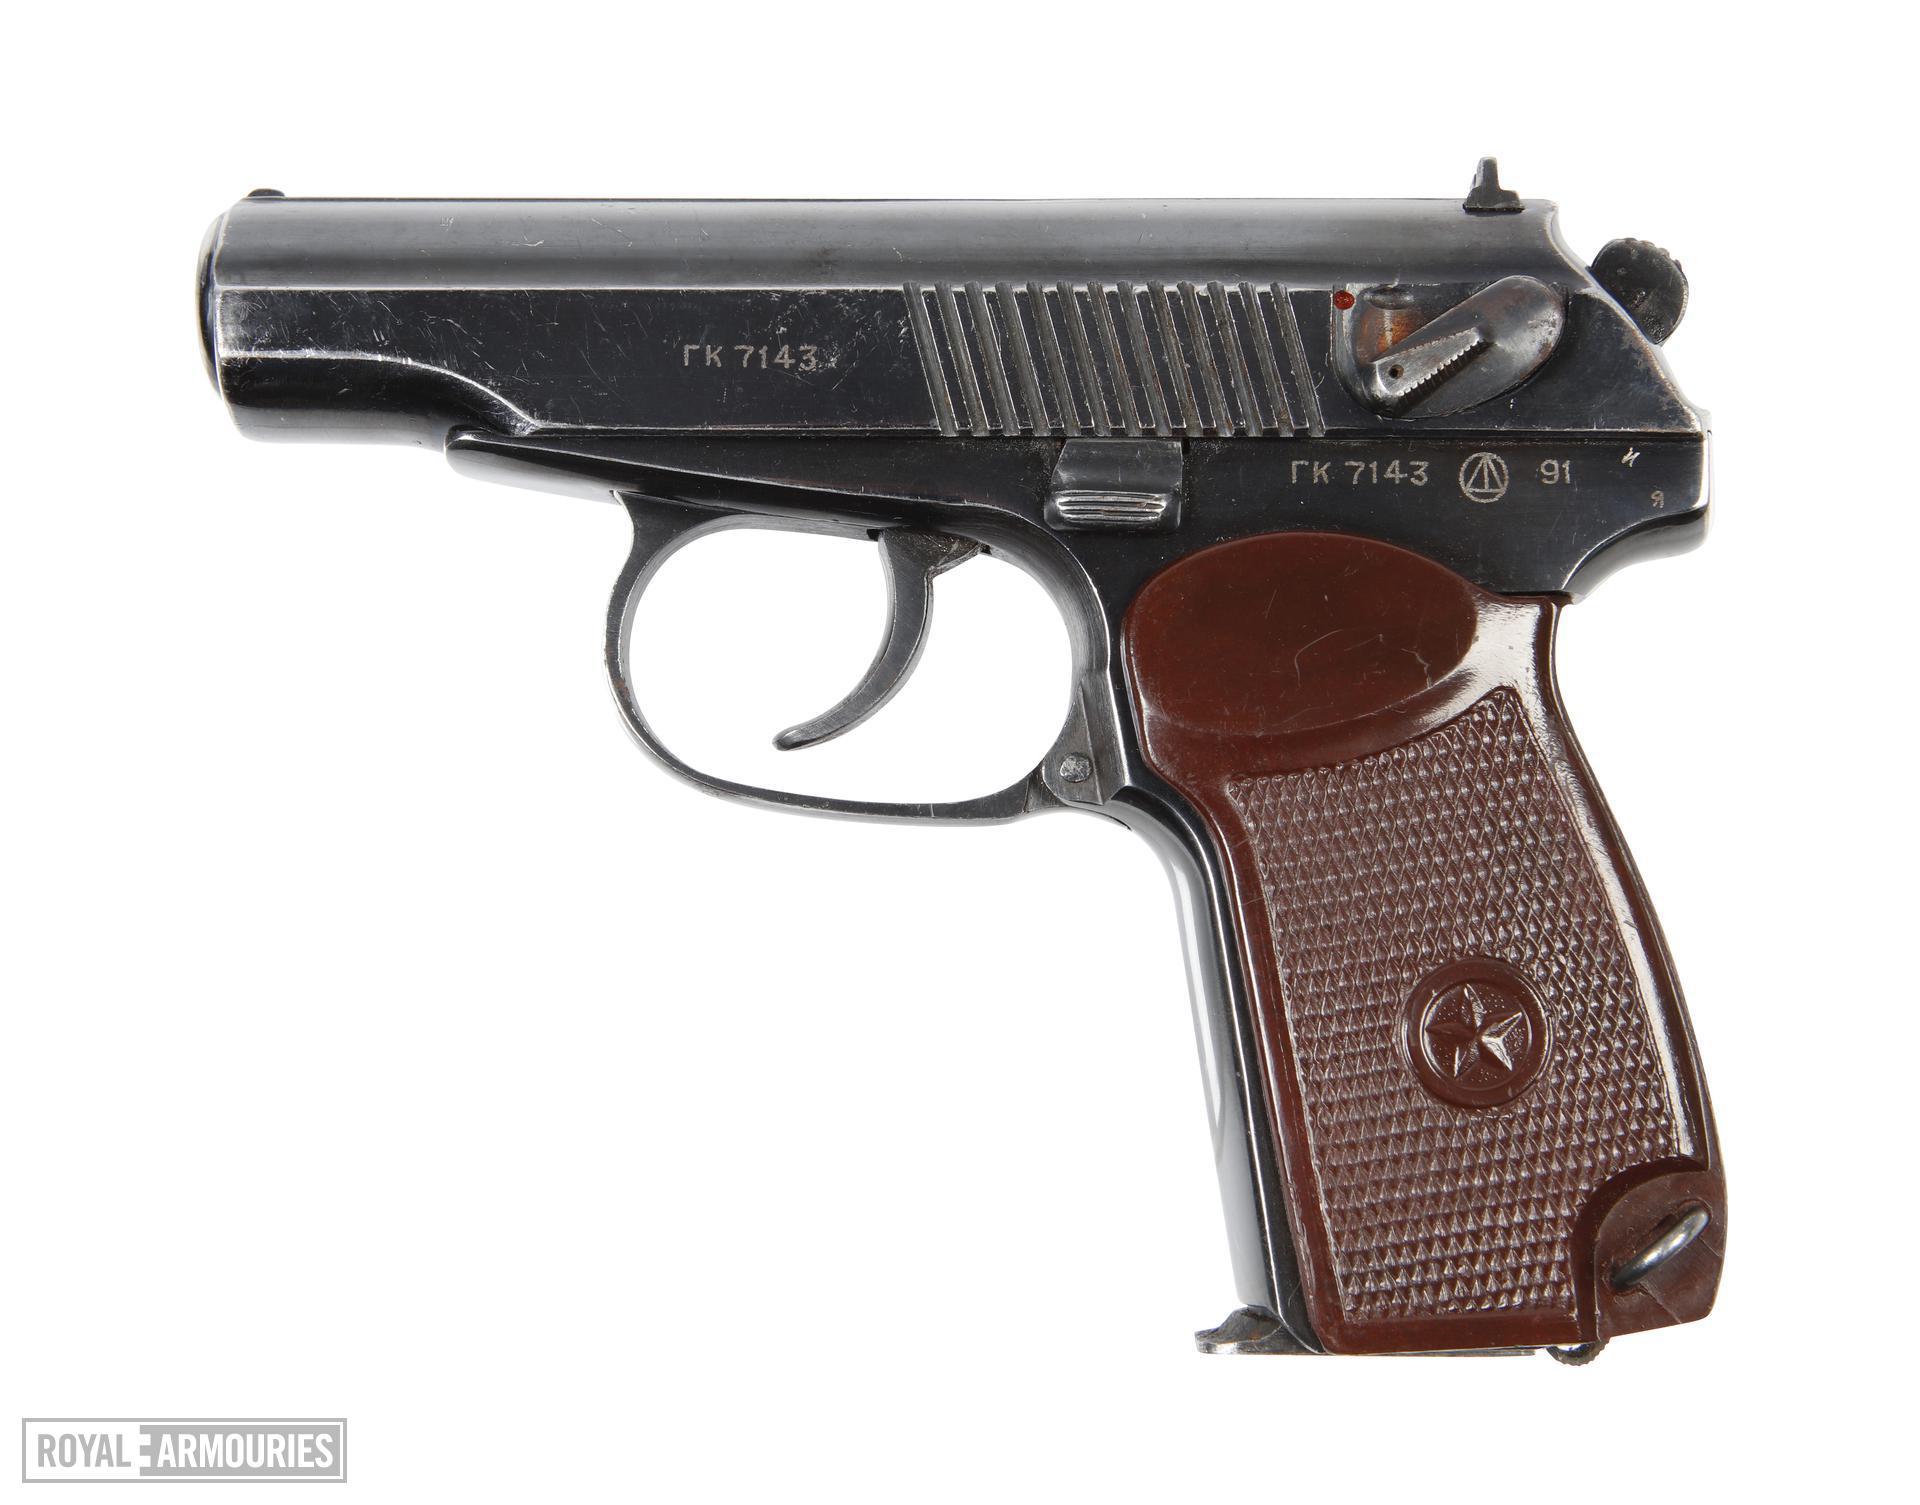 Centrefire self-loading pistol, Makarov PM Darra copy,